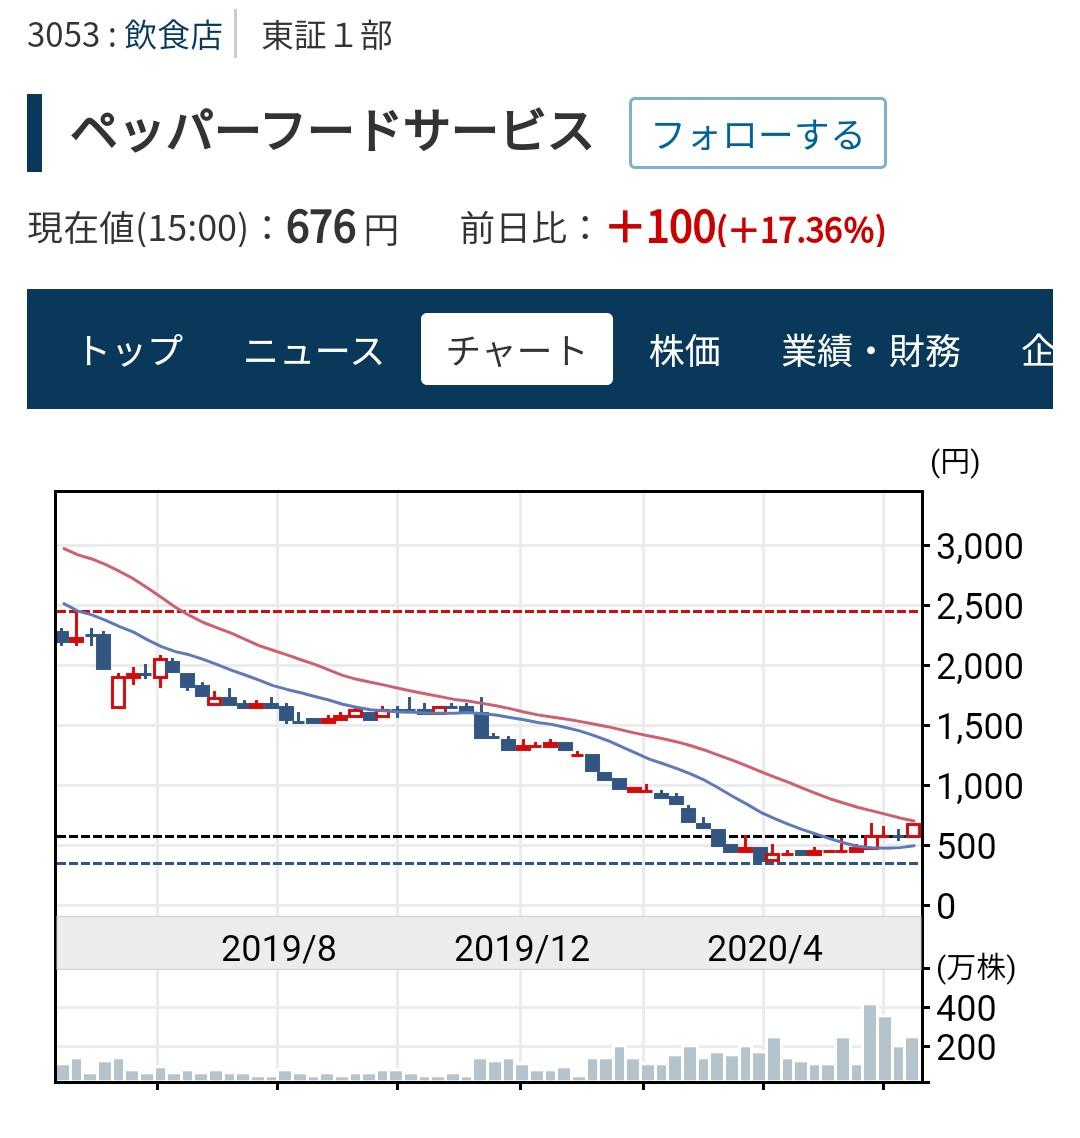 株価 ペッパー フード